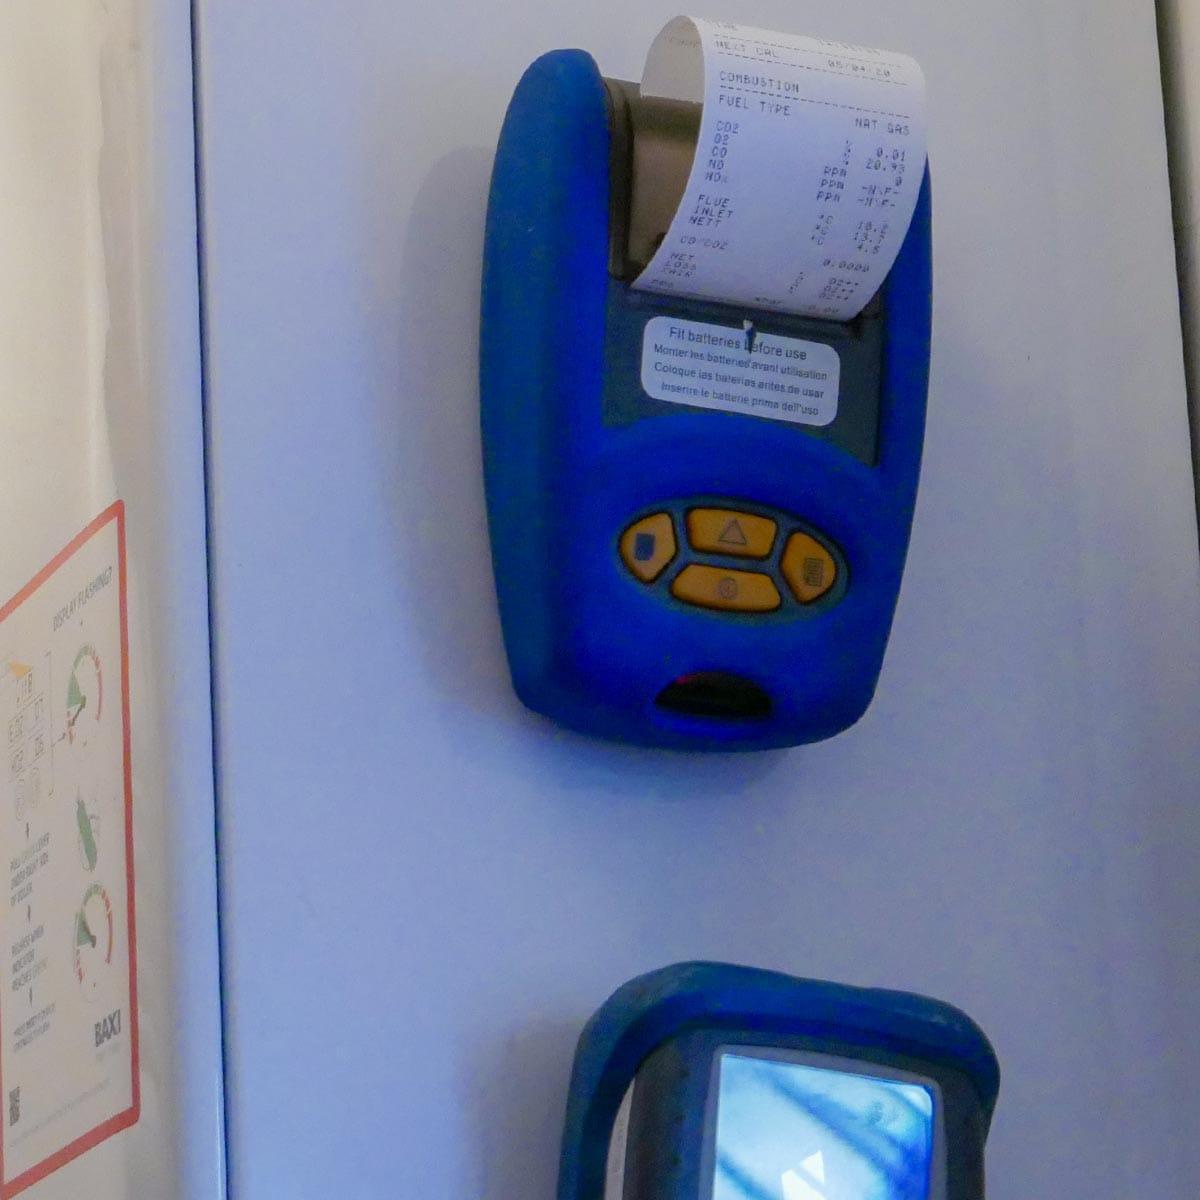 emissions testing boiler printout